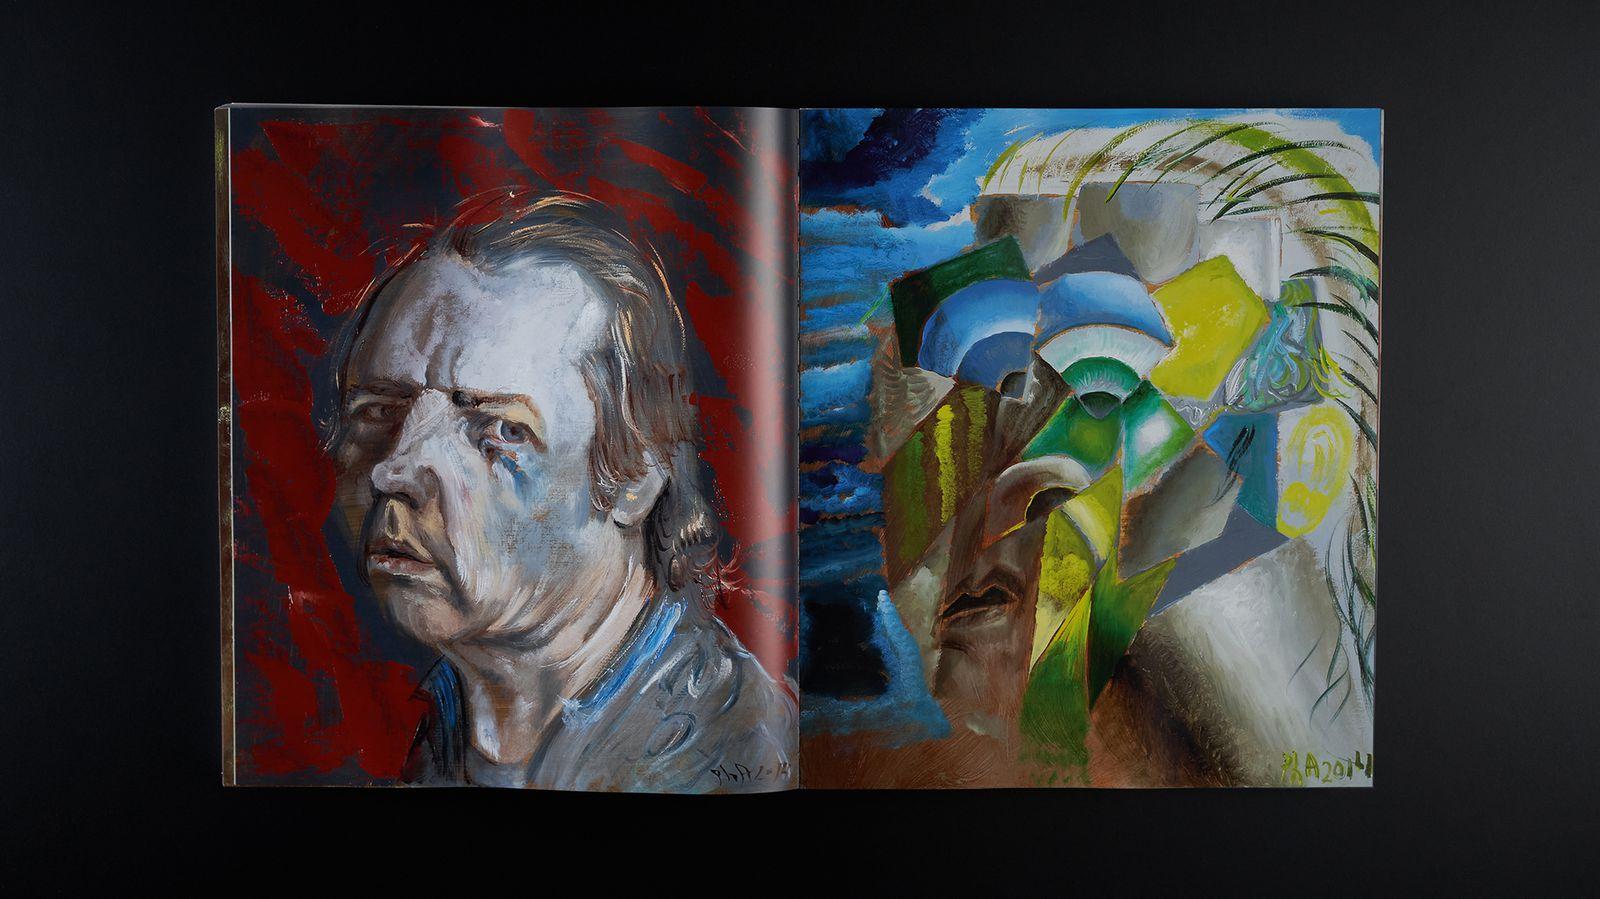 Het doel van het bestaan is het maken van een zelfportret, Philip Akkerman - Spread 5.jpg